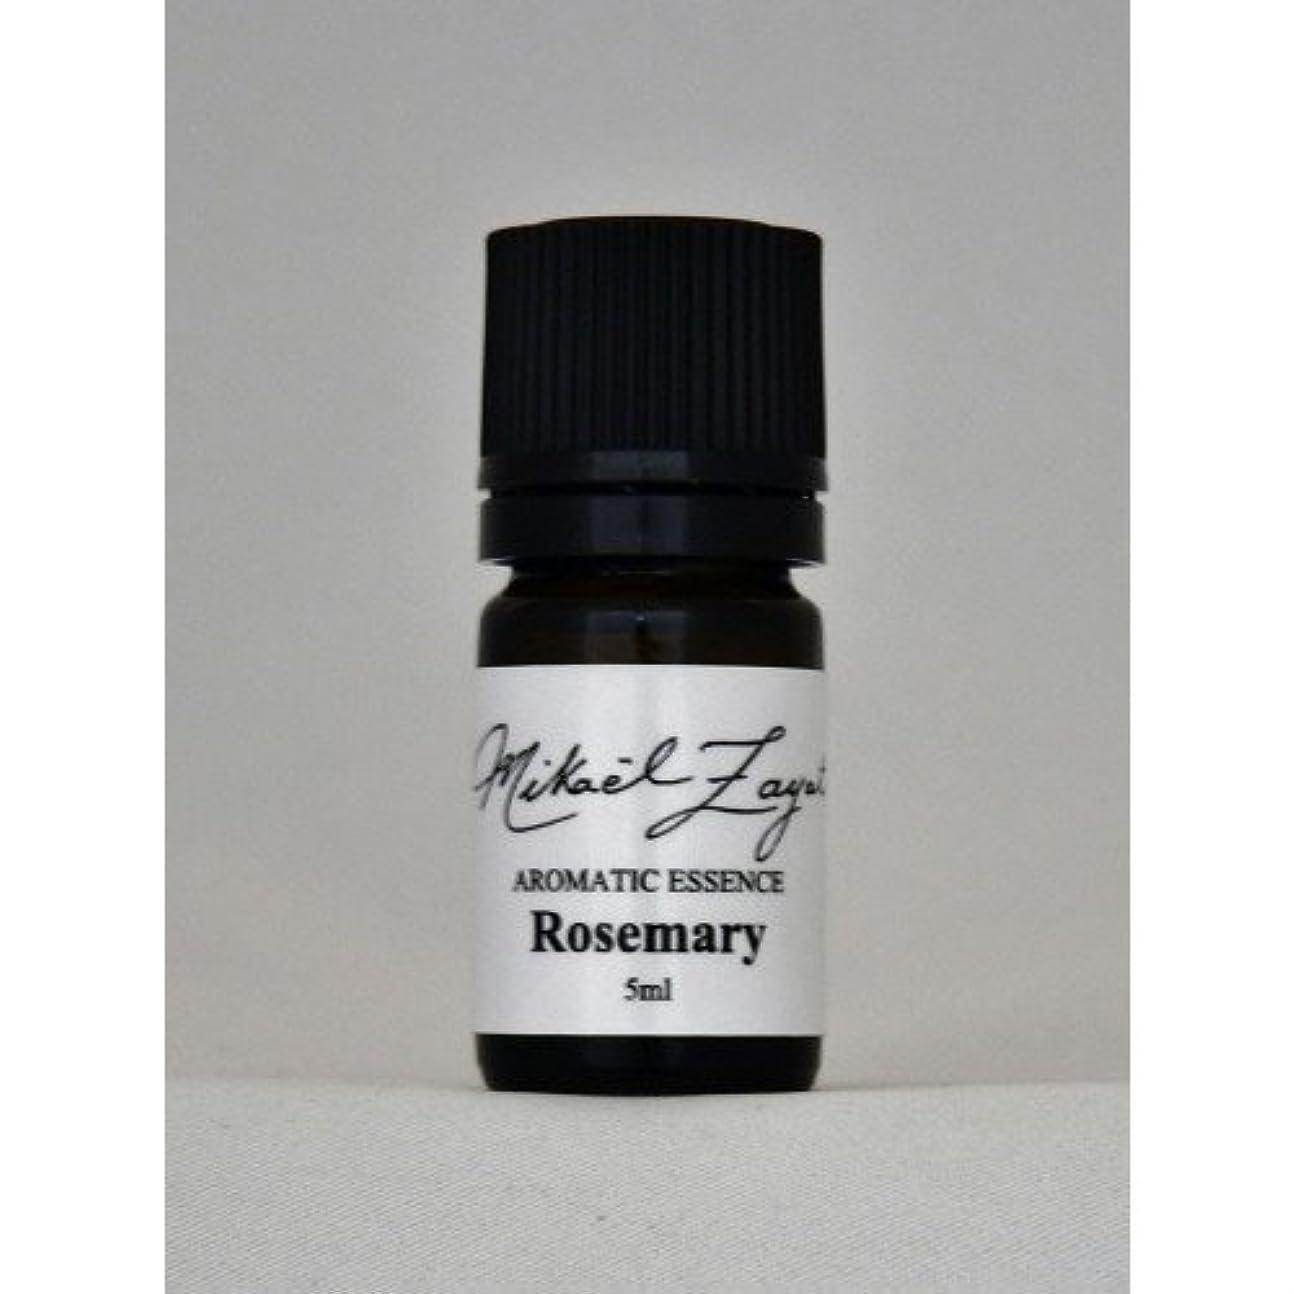 薬を飲む要件忠実にミカエル?ザヤット アロマティックエッセンス ローズマリー 5ml Rosemary 5ml 日本国内正規品